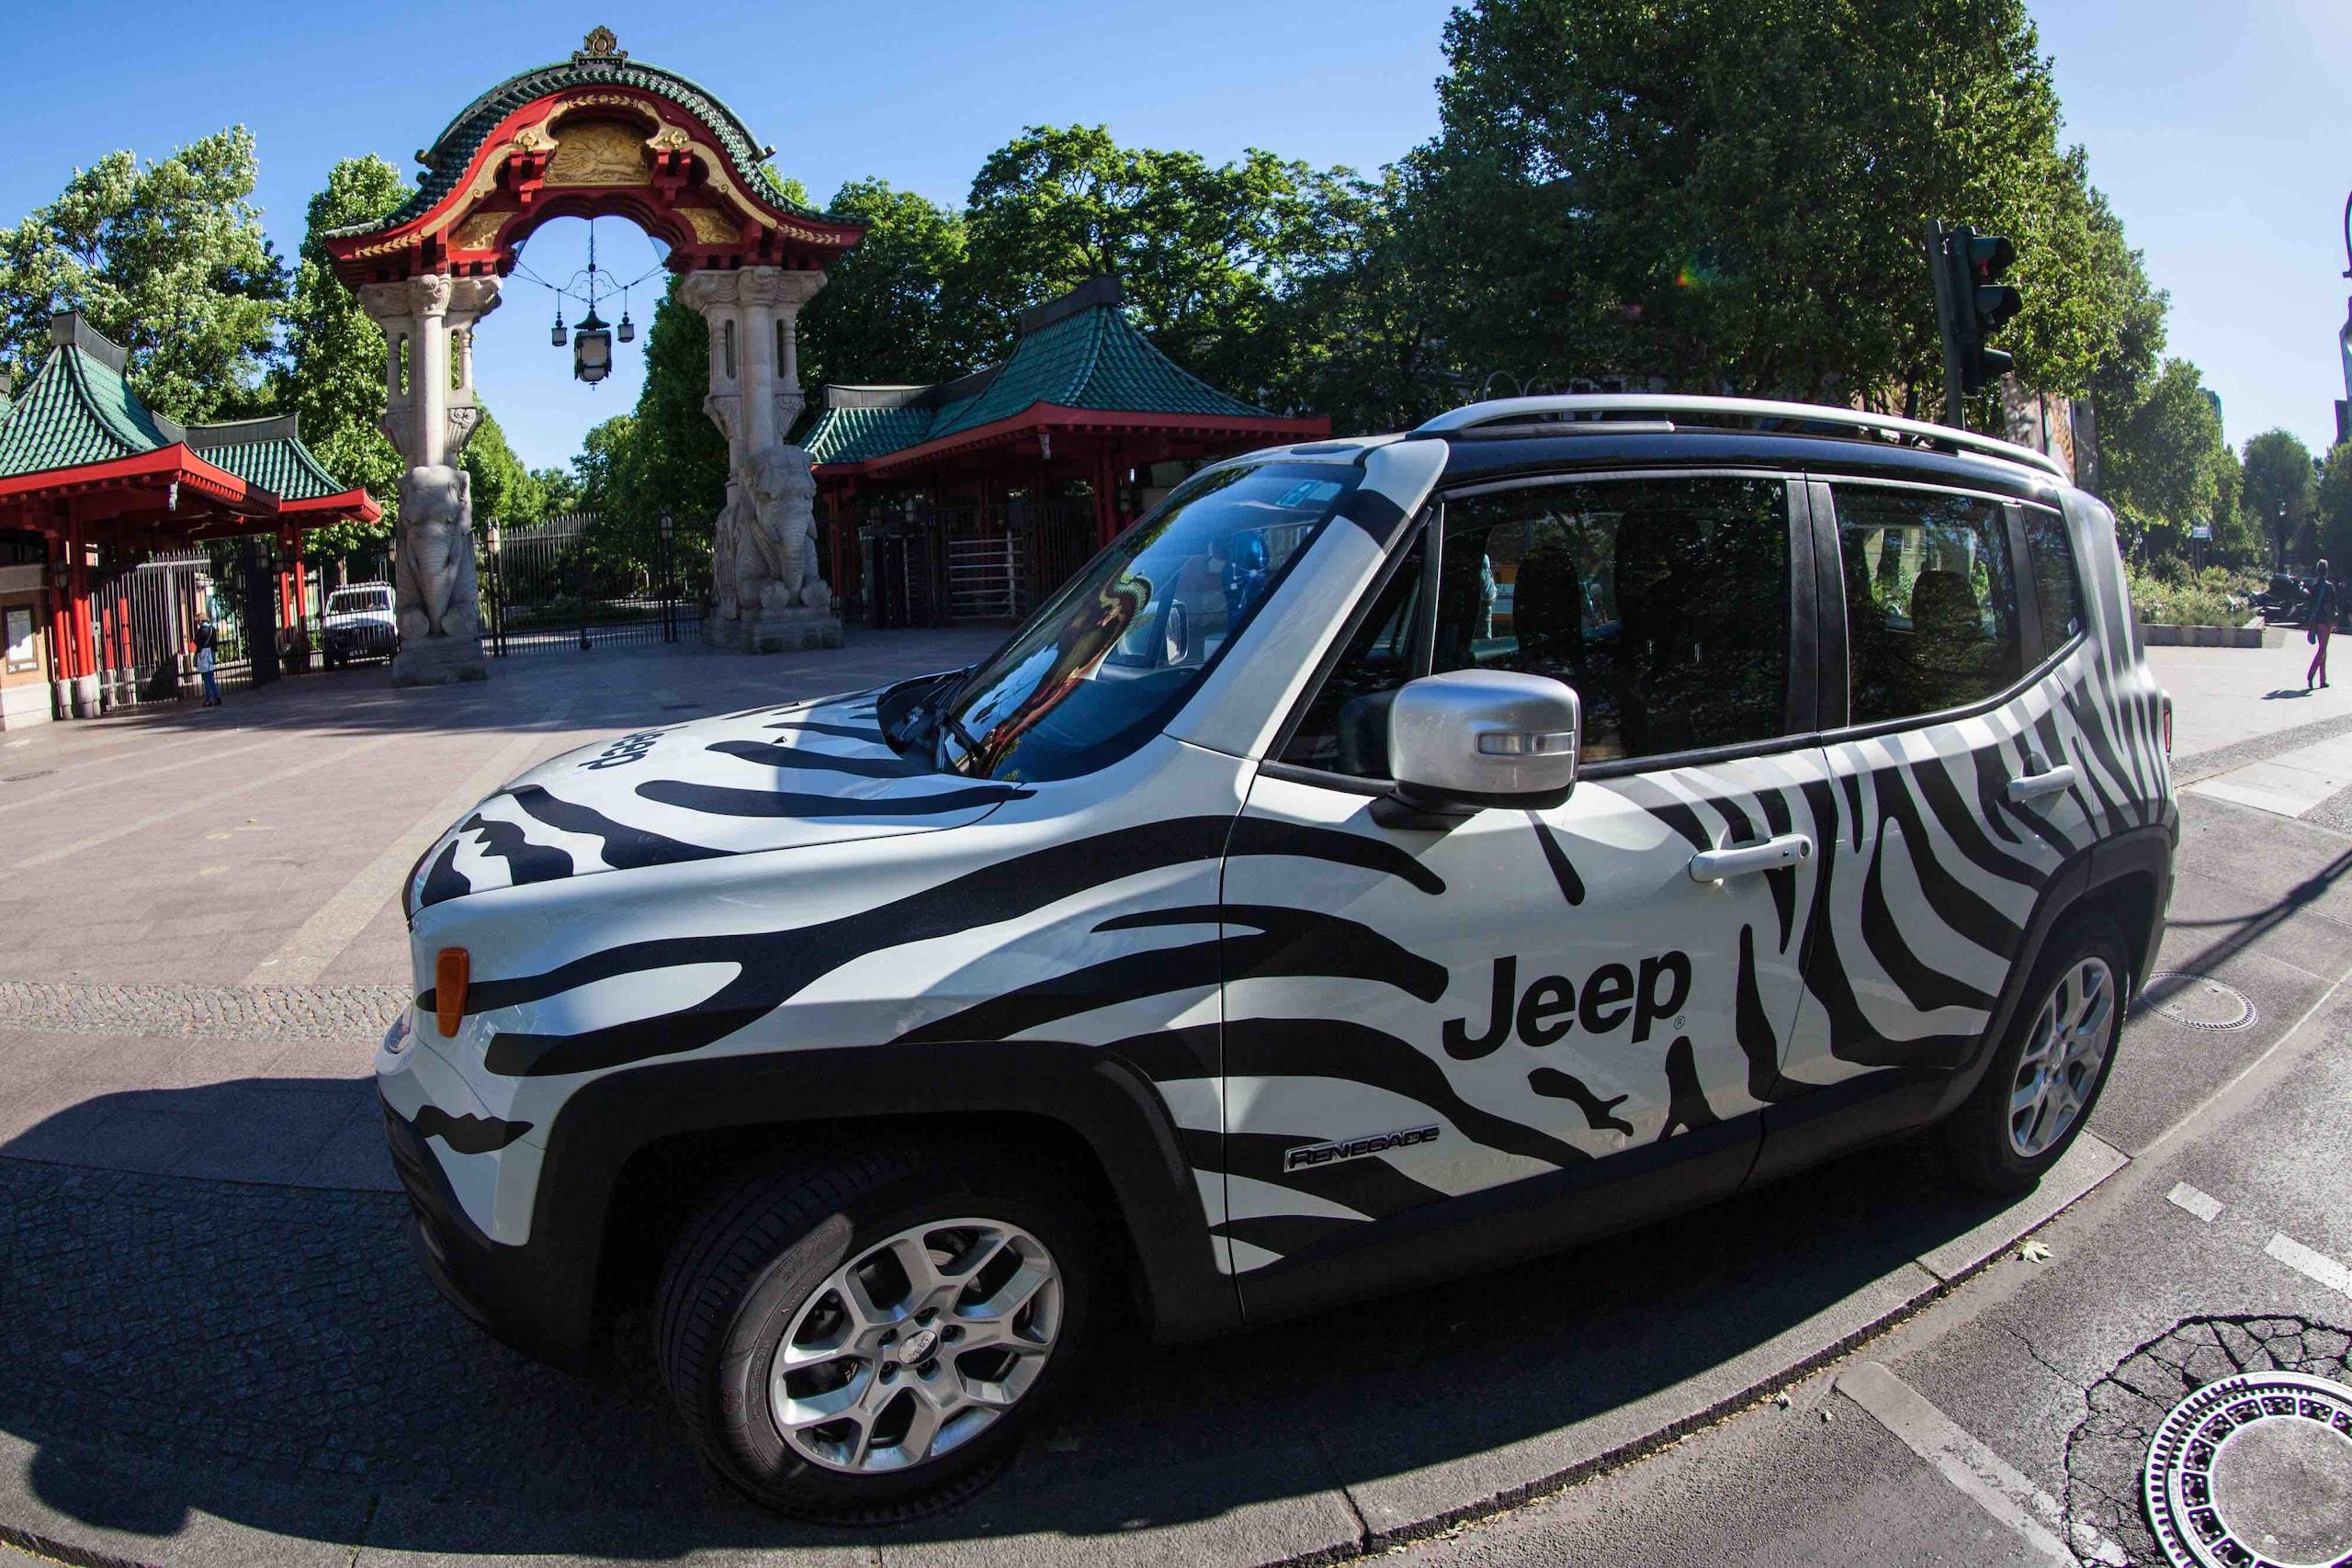 Munao Jeep Una Renegade Zebrata Per La Juve Corriere Dello Sport